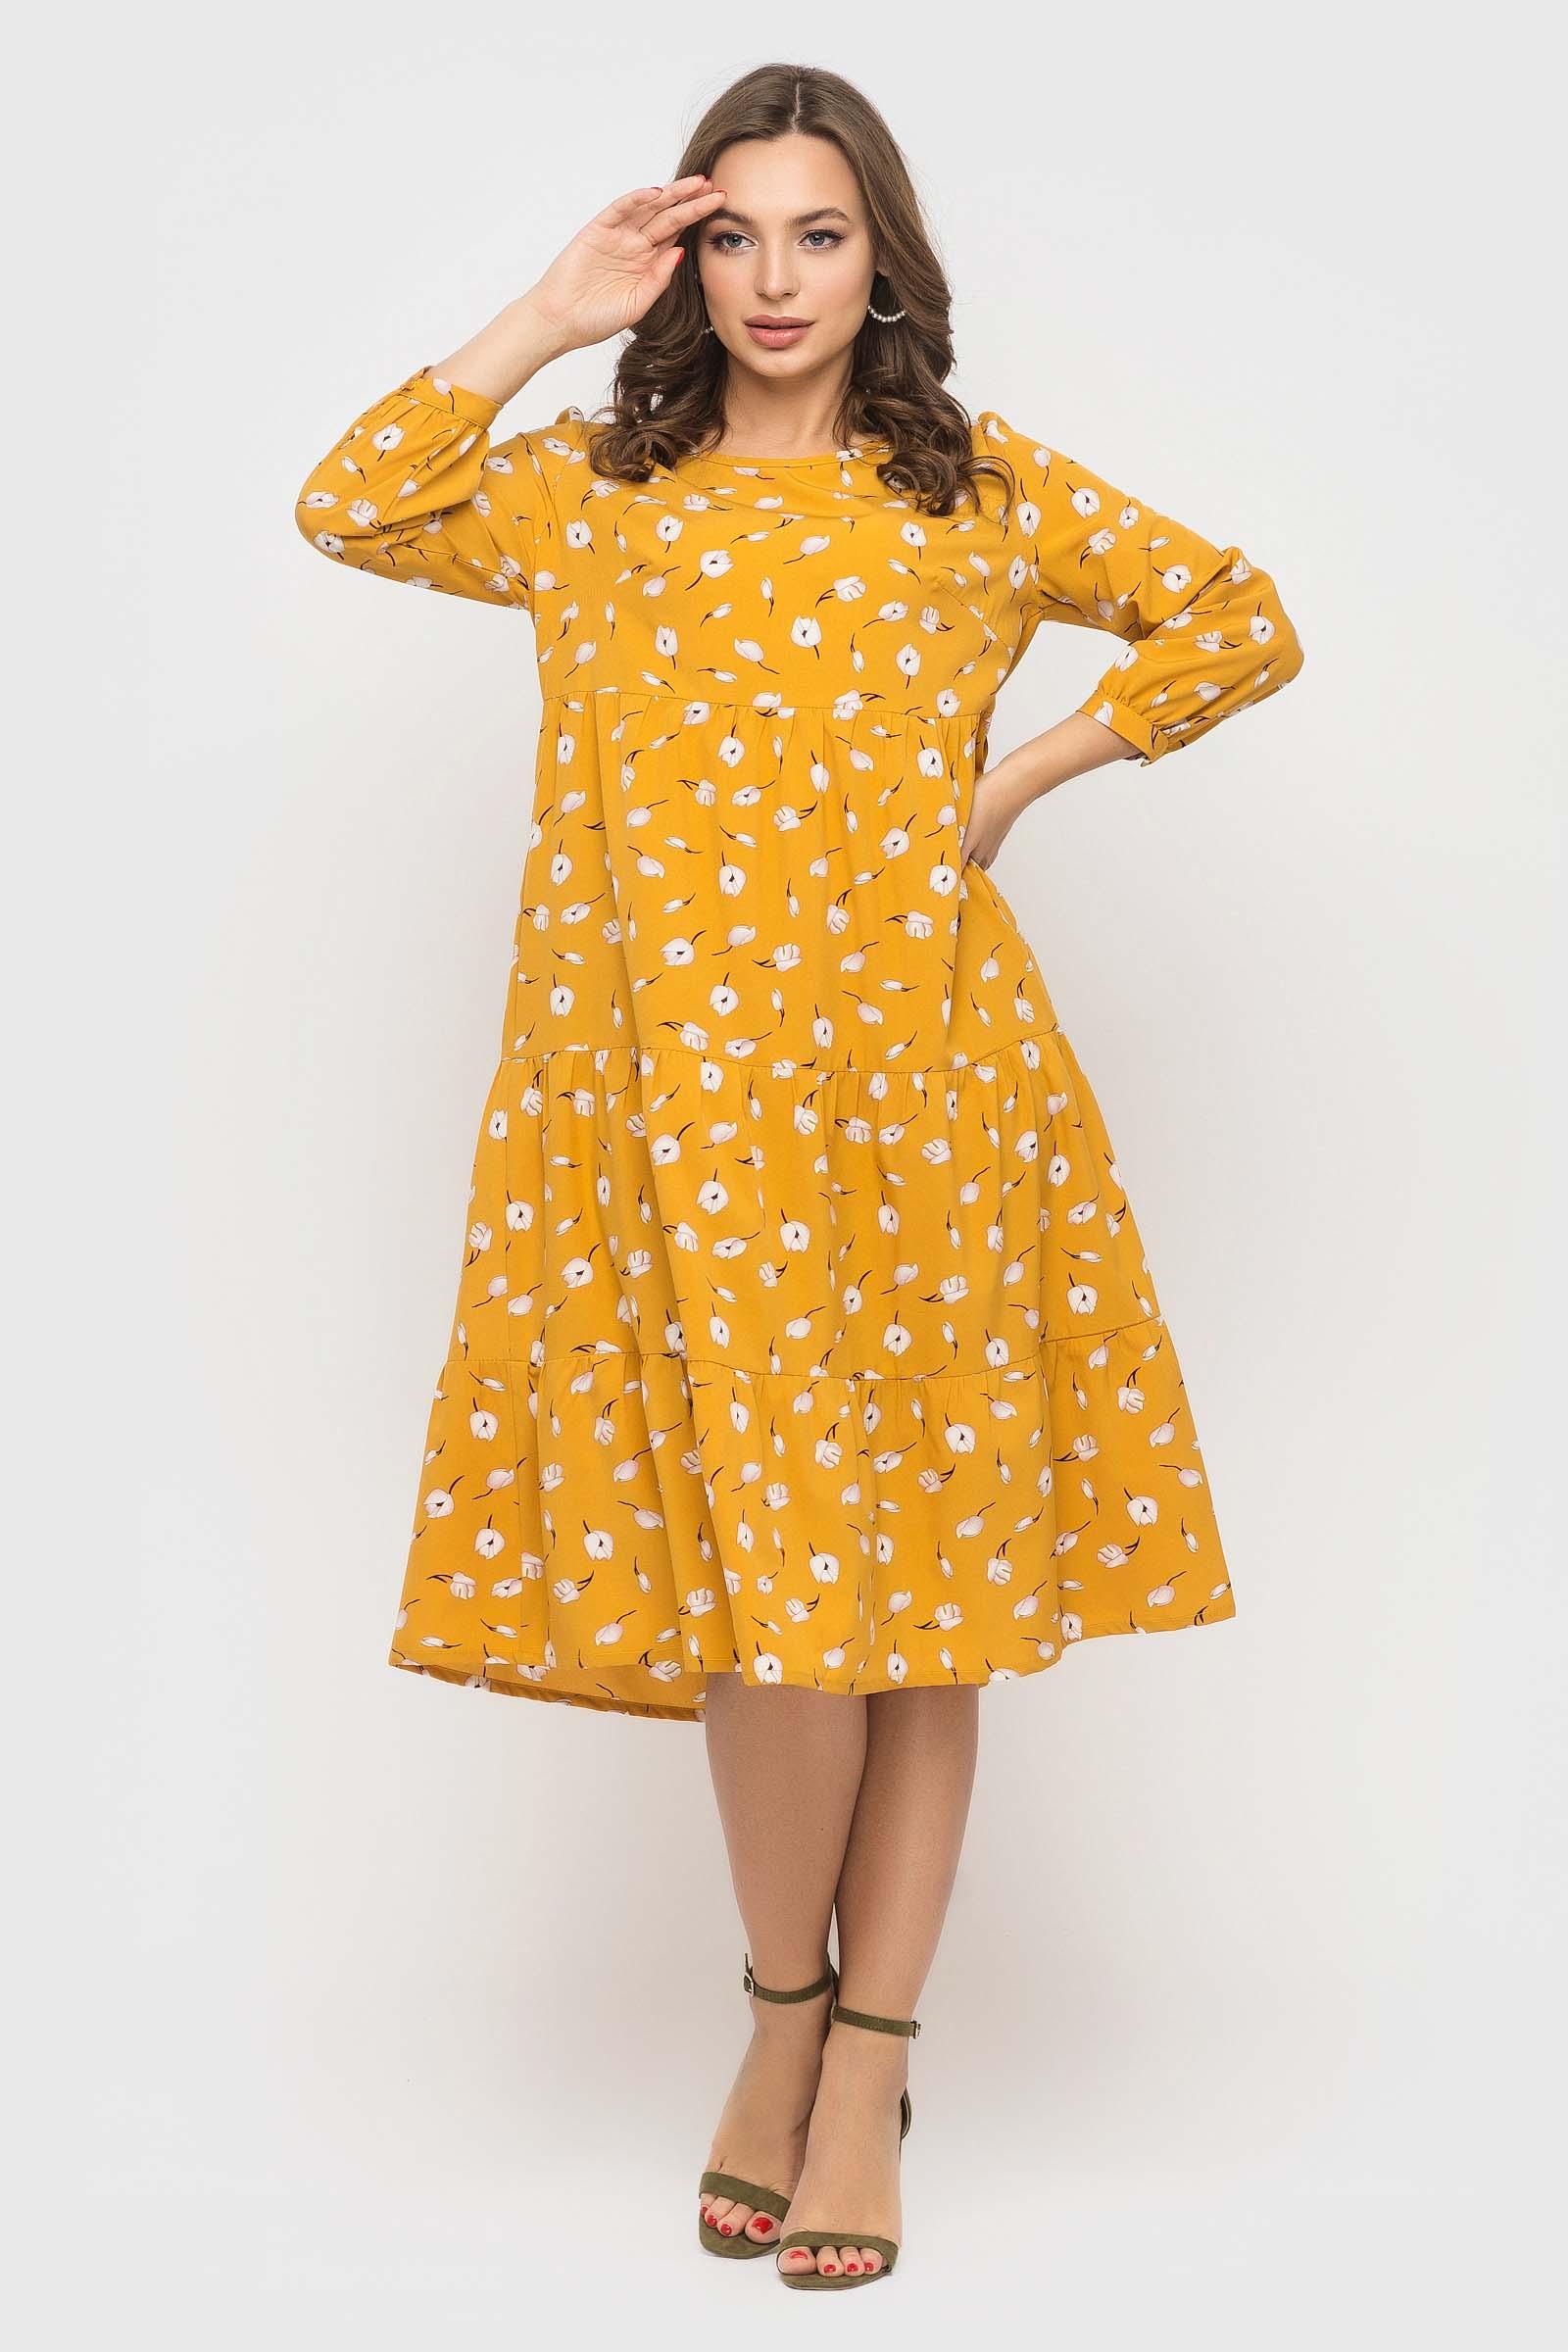 be art 2020 04 07182086 Купить платье